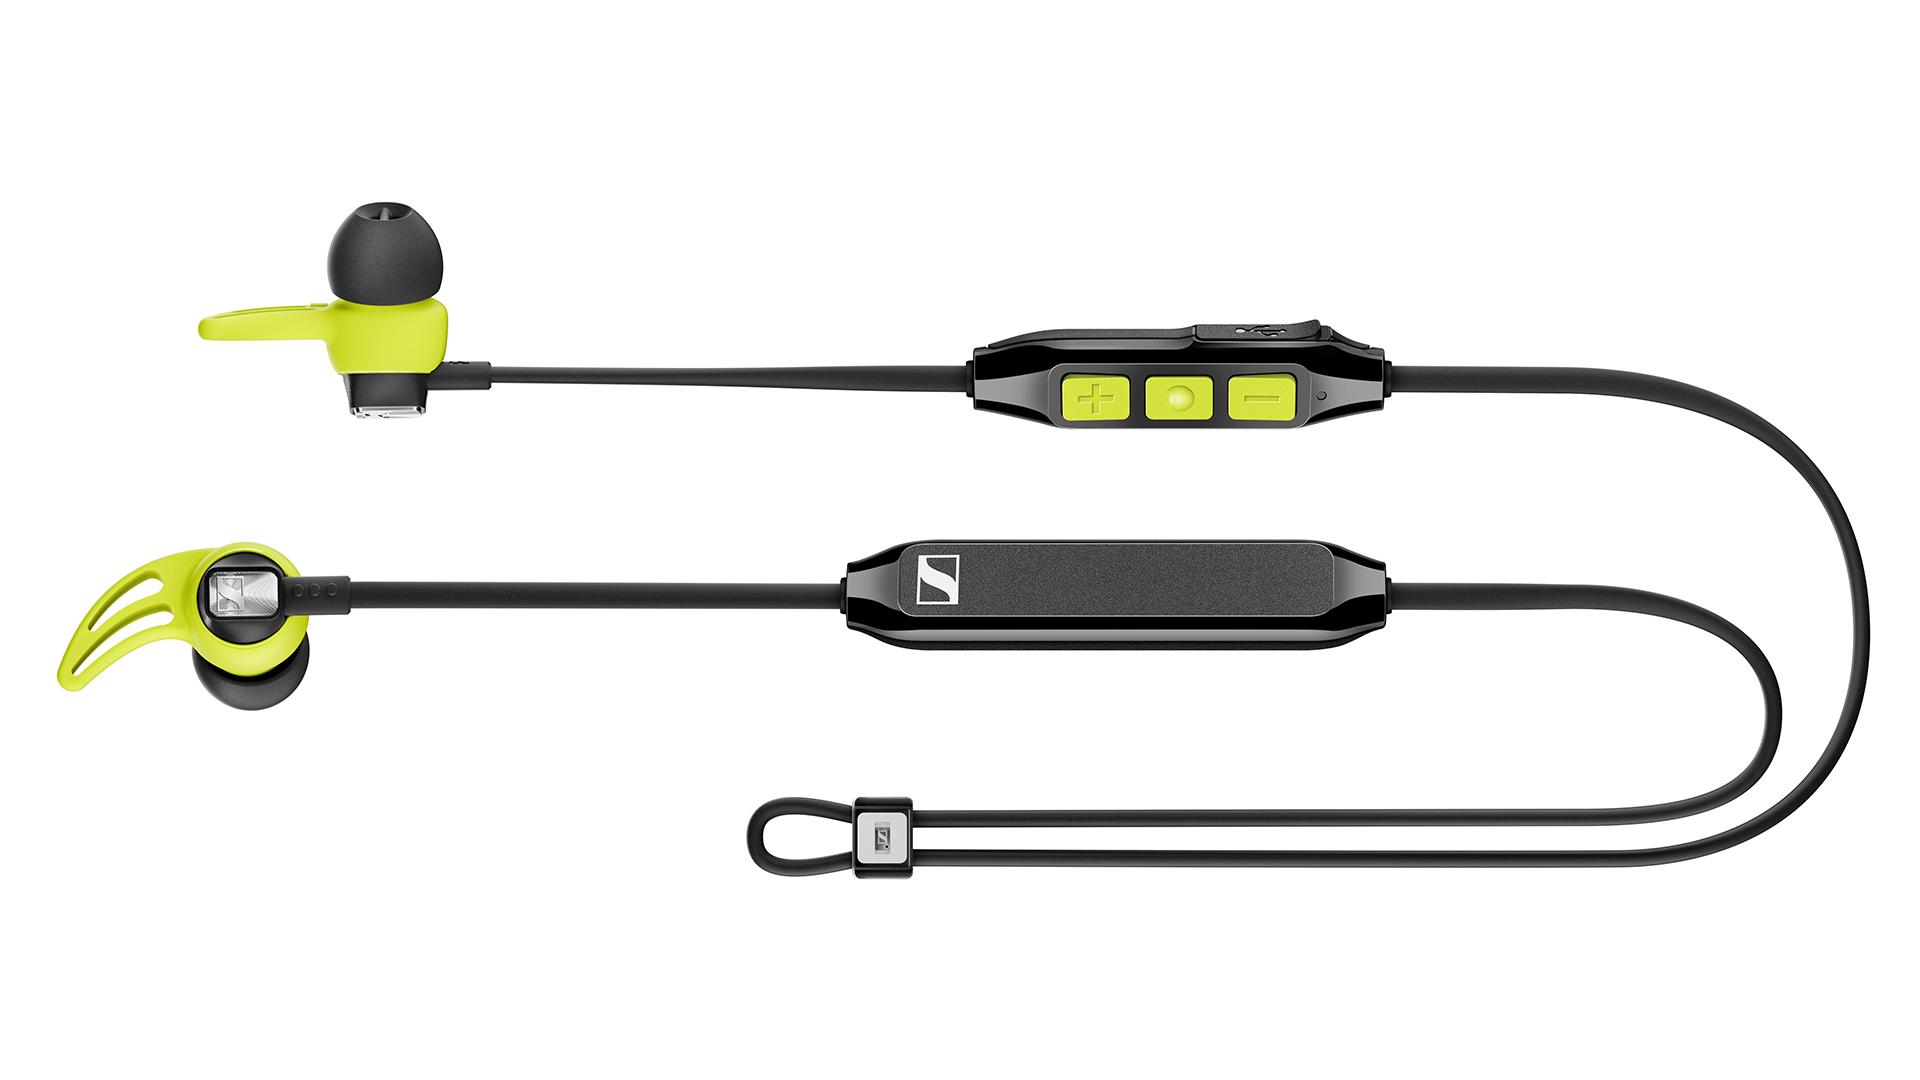 763dd44d244 Sennheiser CX Sport review | What Hi-Fi?